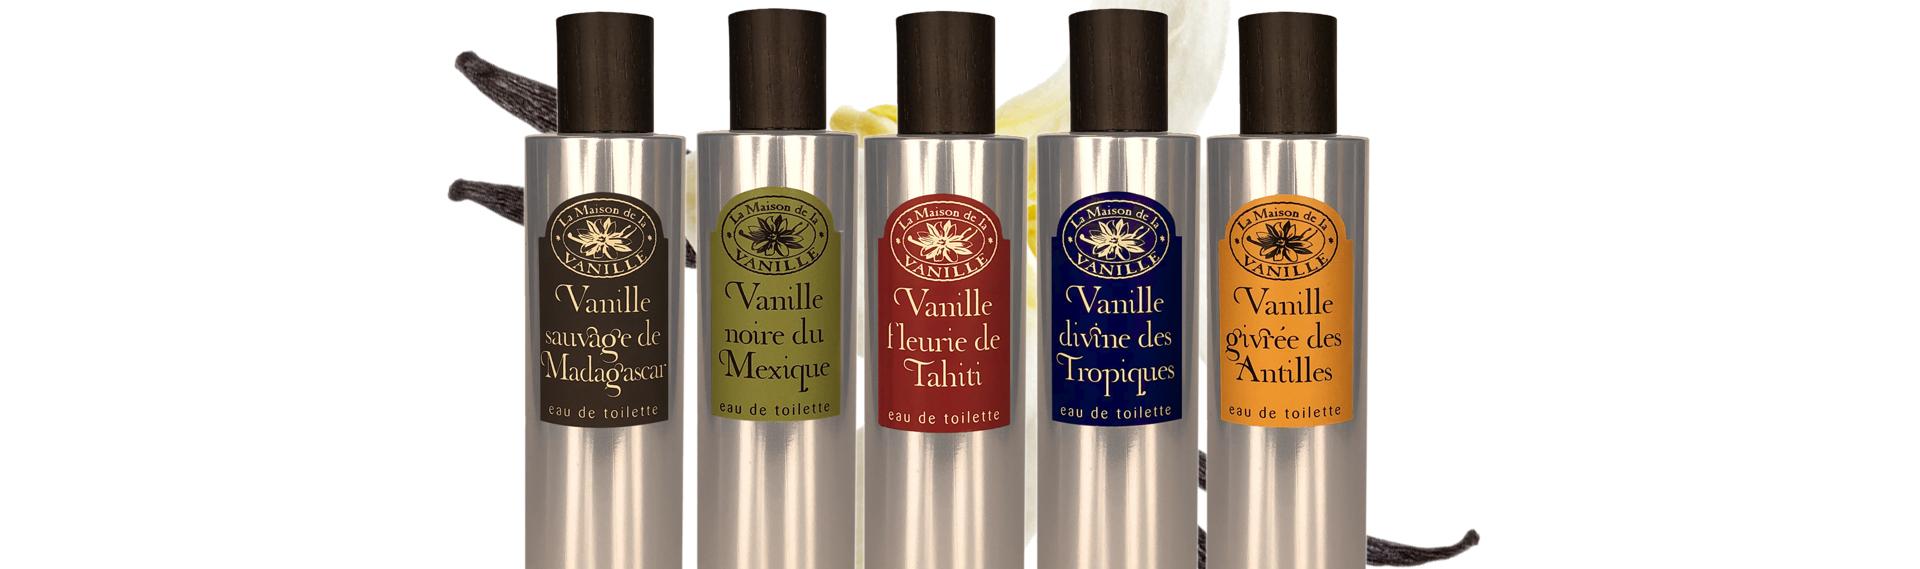 Présentation des cinq parfums de la maison de la vanille